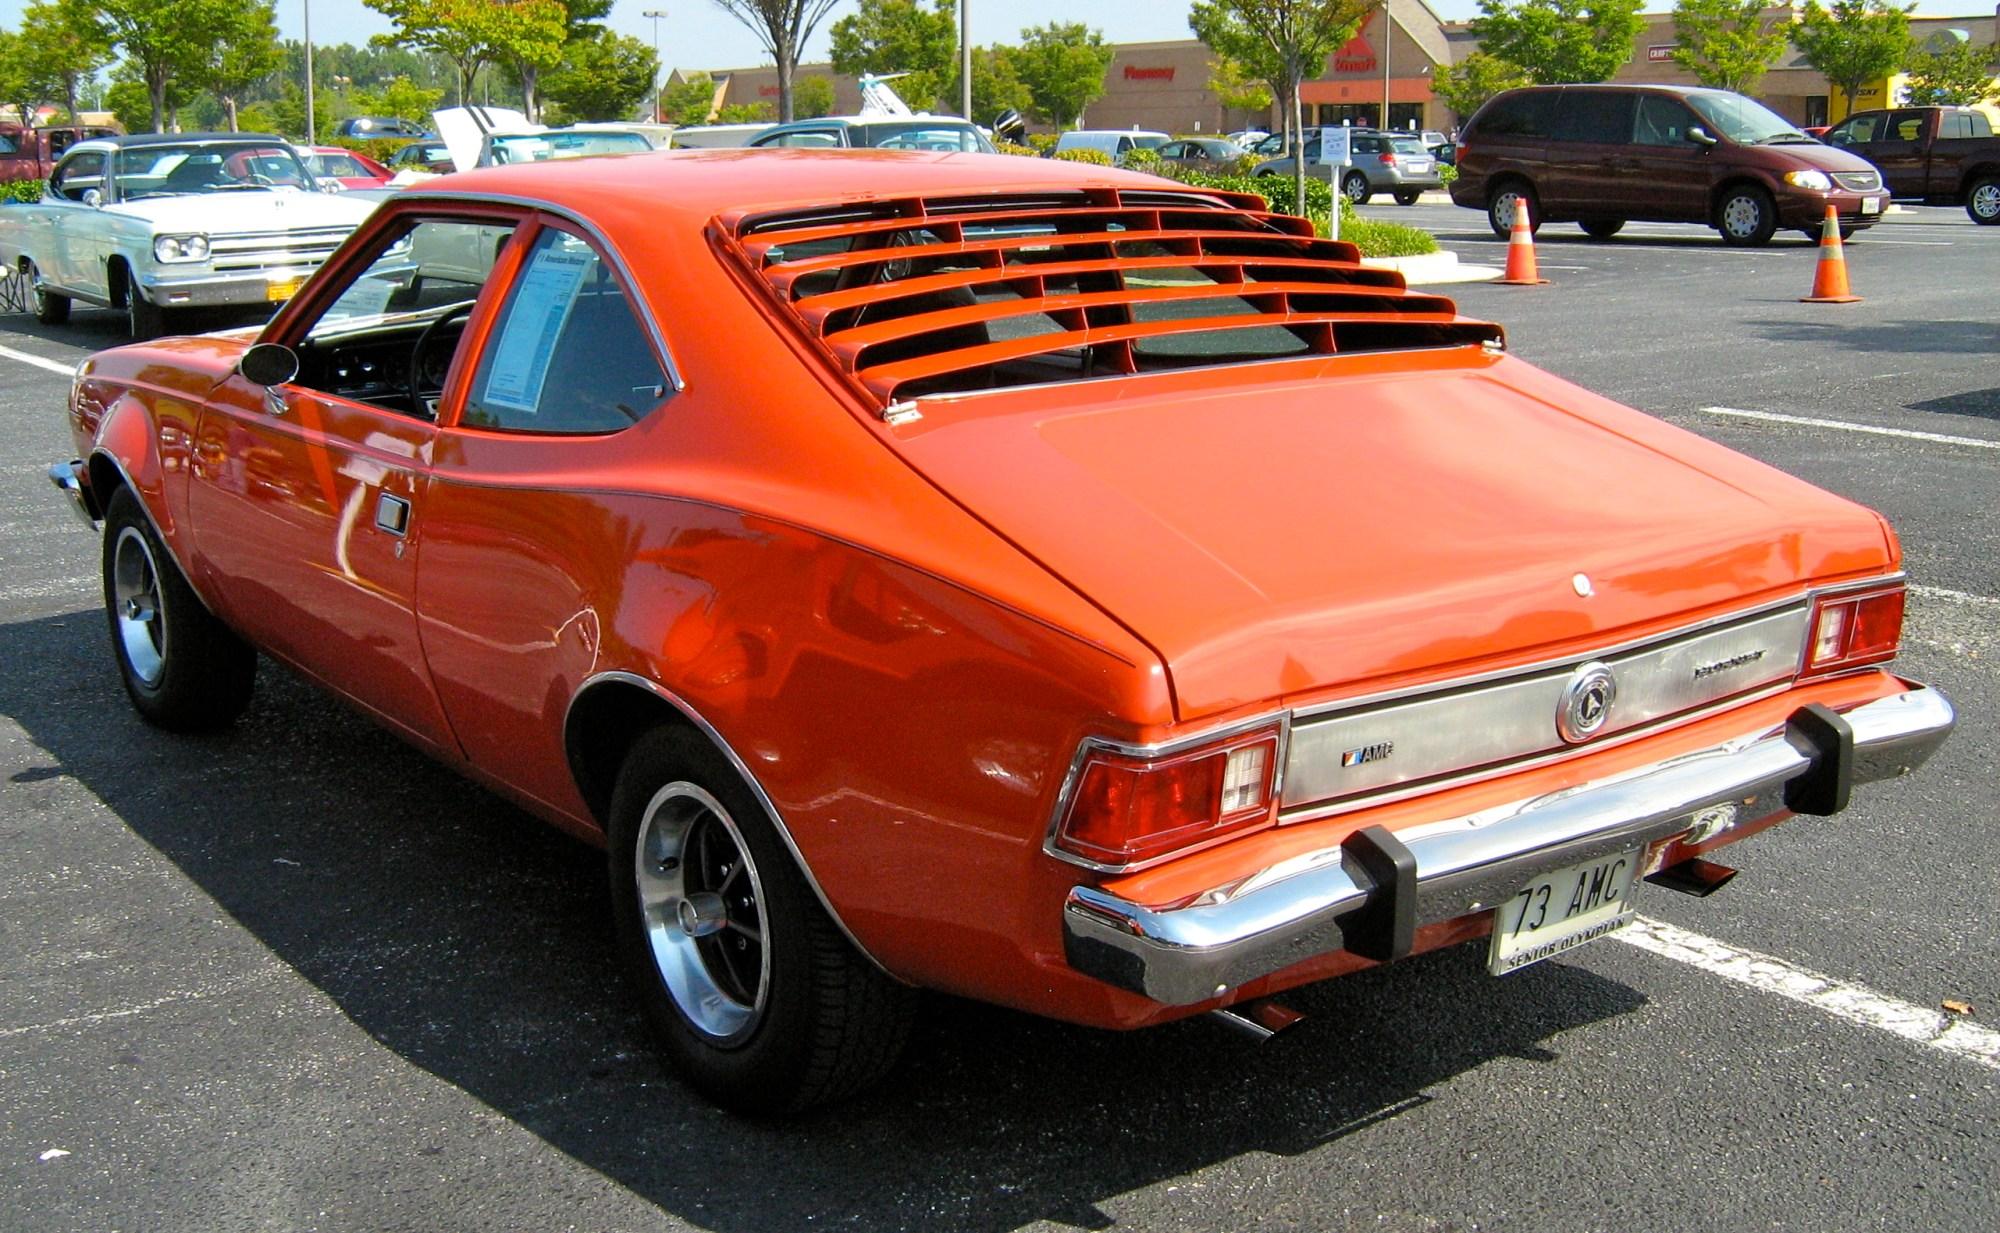 hight resolution of file 1973 hornet hatchback v8 red md rl jpg